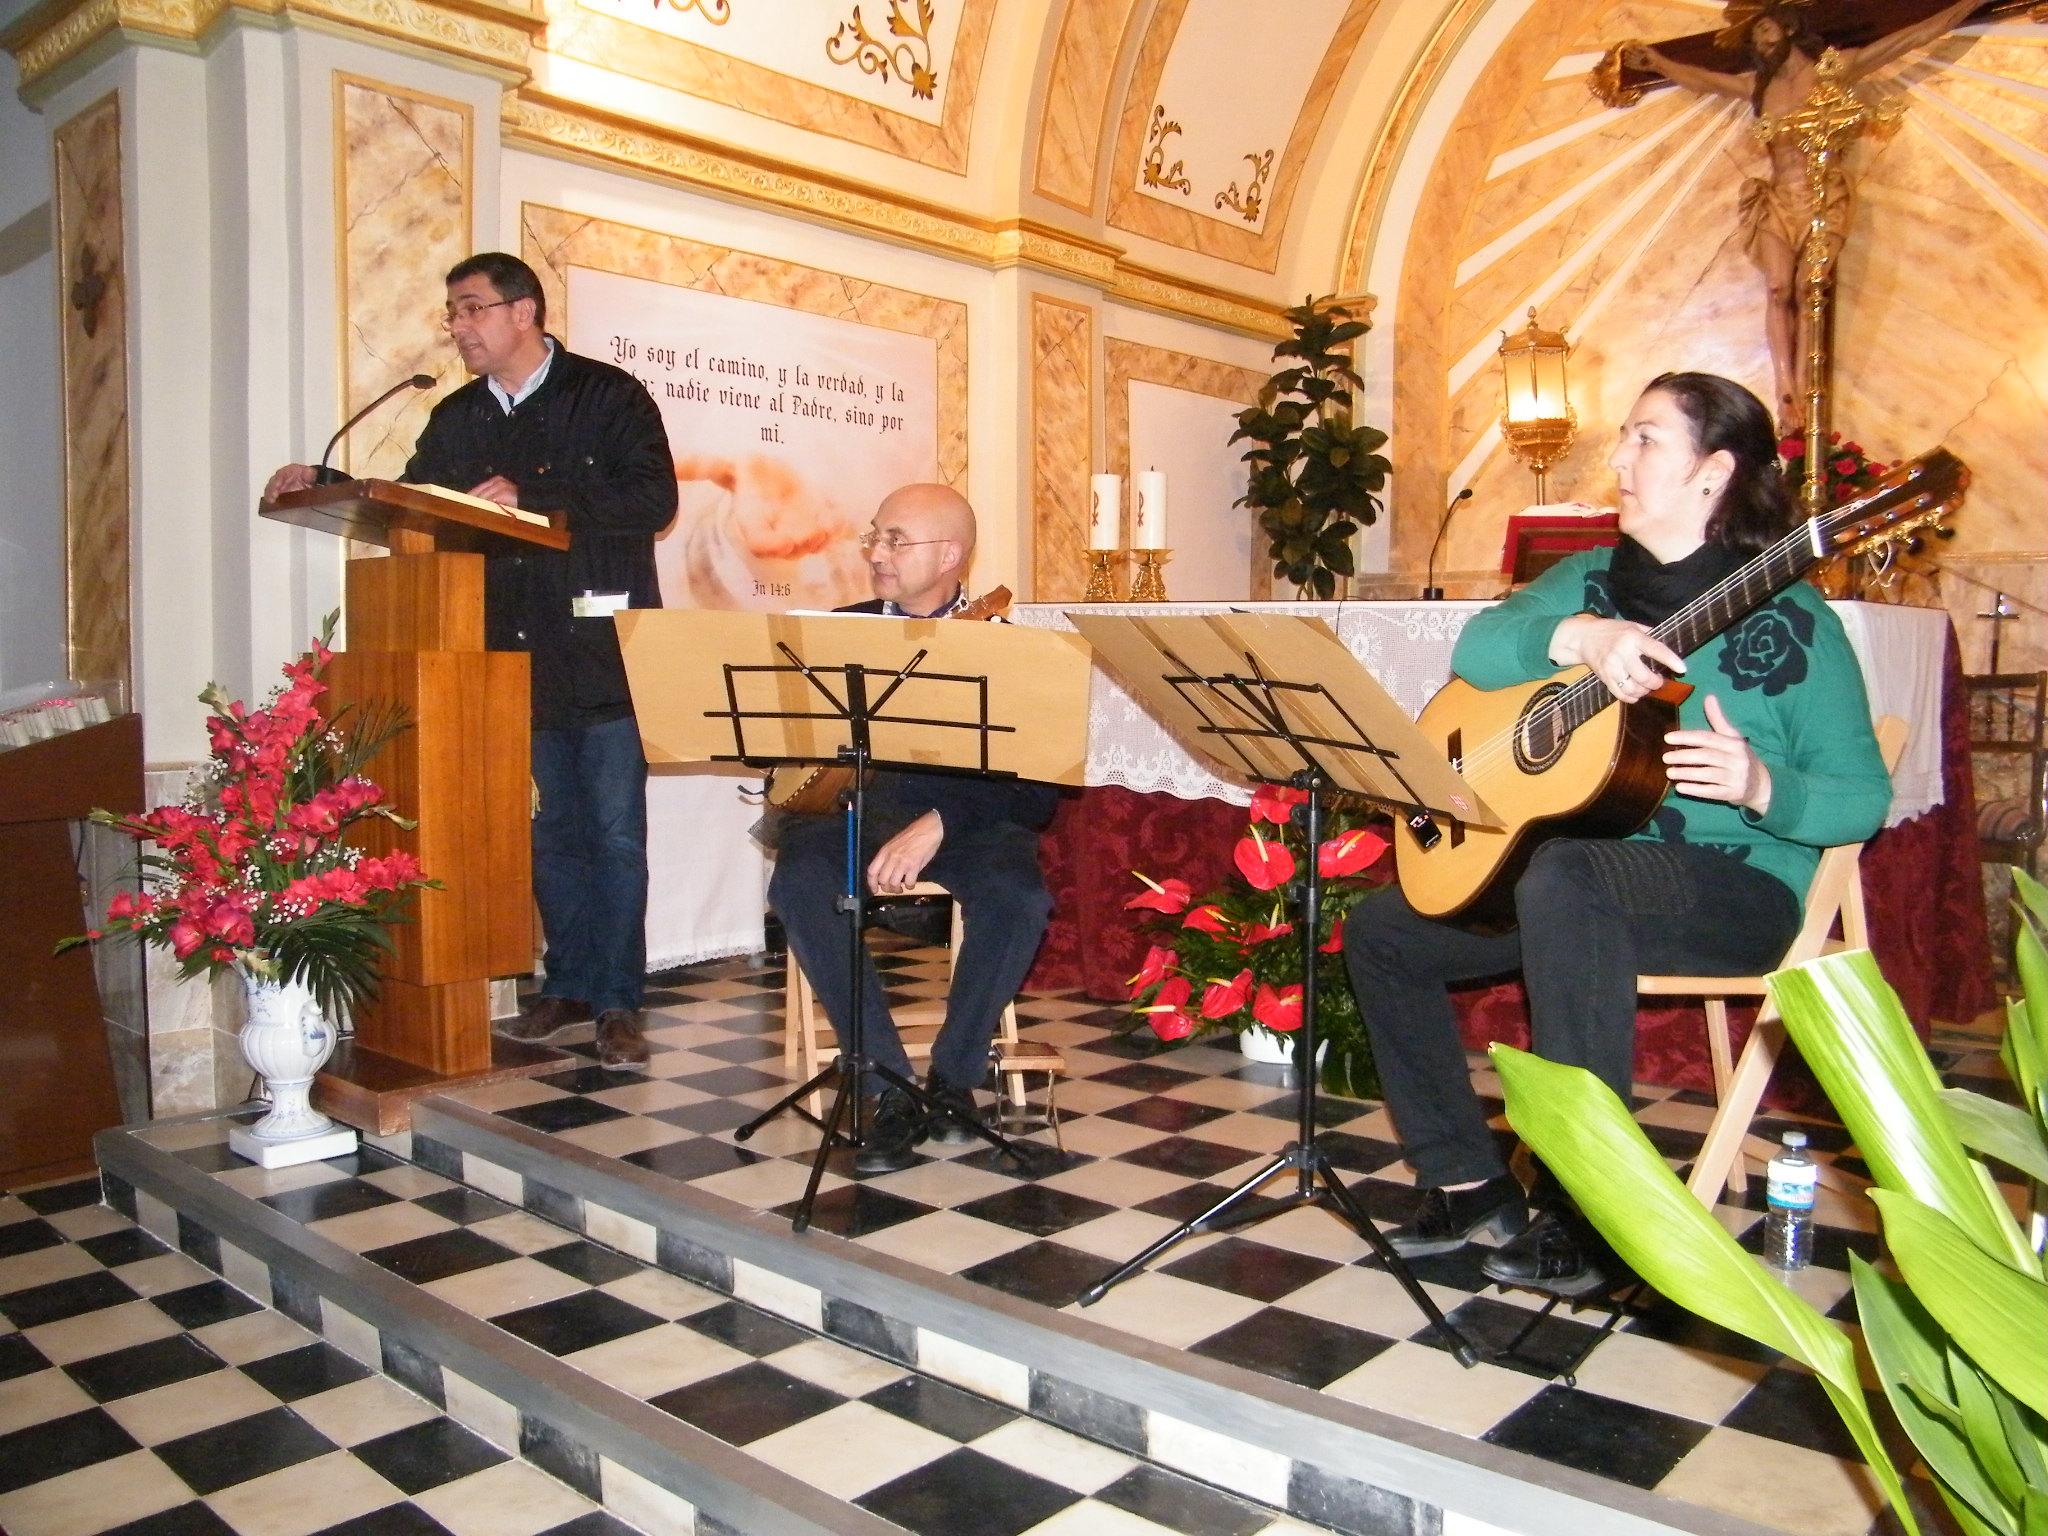 ElCristo - Actos - Actuación Musical Solidaria - Grupo Madrigal - (2016-01-29) - Gabriel Segura (05)